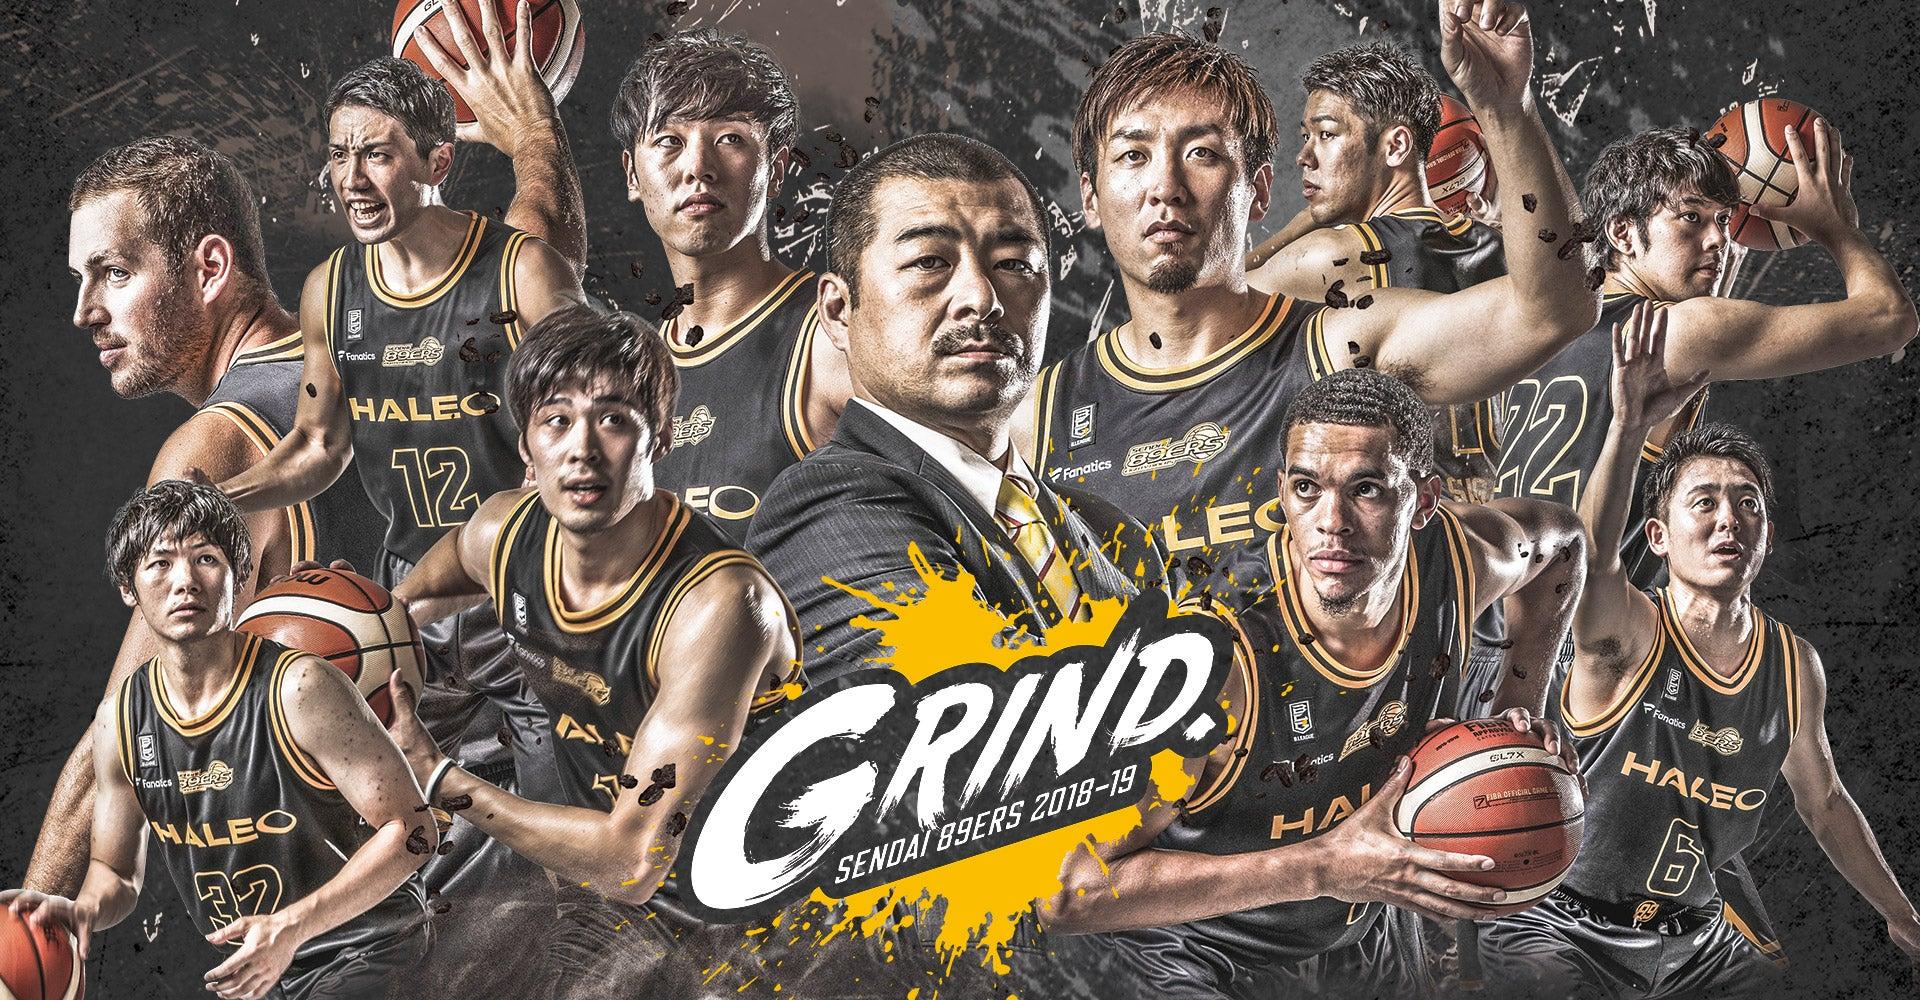 仙台89ersメイン画像PC